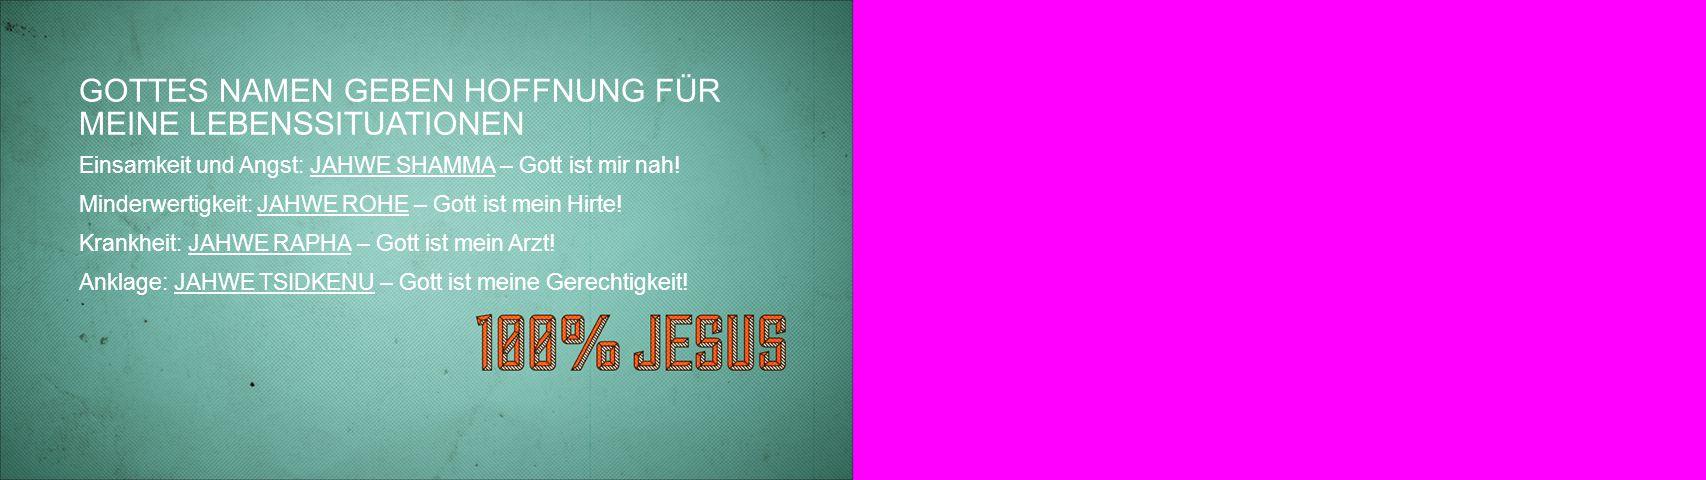 GOTTES NAMEN GEBEN HOFFNUNG FÜR MEINE LEBENSSITUATIONEN Einsamkeit und Angst: JAHWE SHAMMA – Gott ist mir nah! Minderwertigkeit: JAHWE ROHE – Gott ist